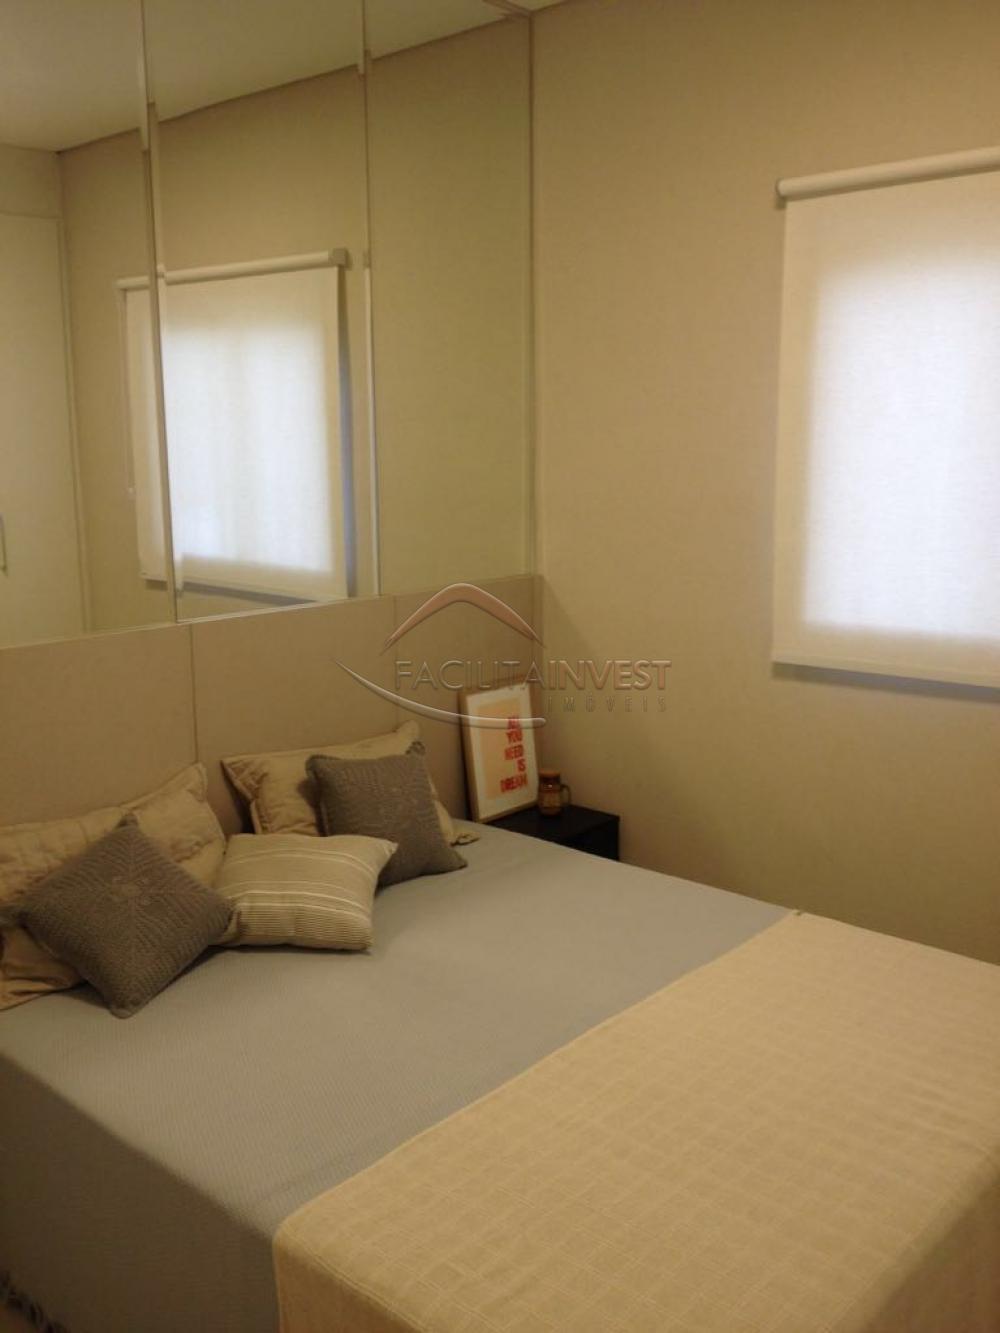 Comprar Apartamentos / Apart. Padrão em Ribeirão Preto apenas R$ 277.149,00 - Foto 17